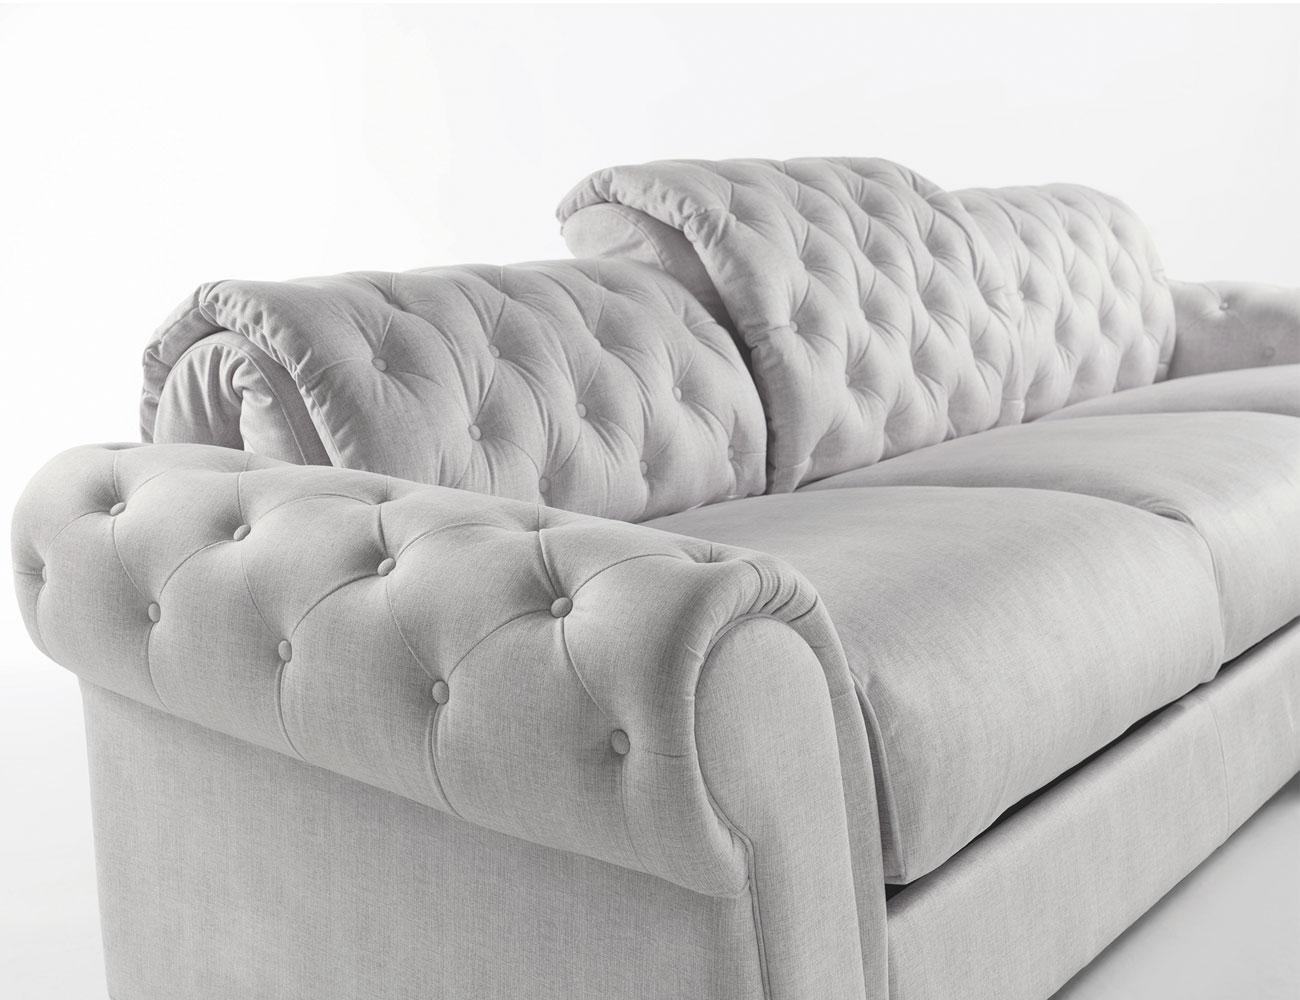 Sofa chaiselongue gran lujo decorativo capitone blanco tela 138